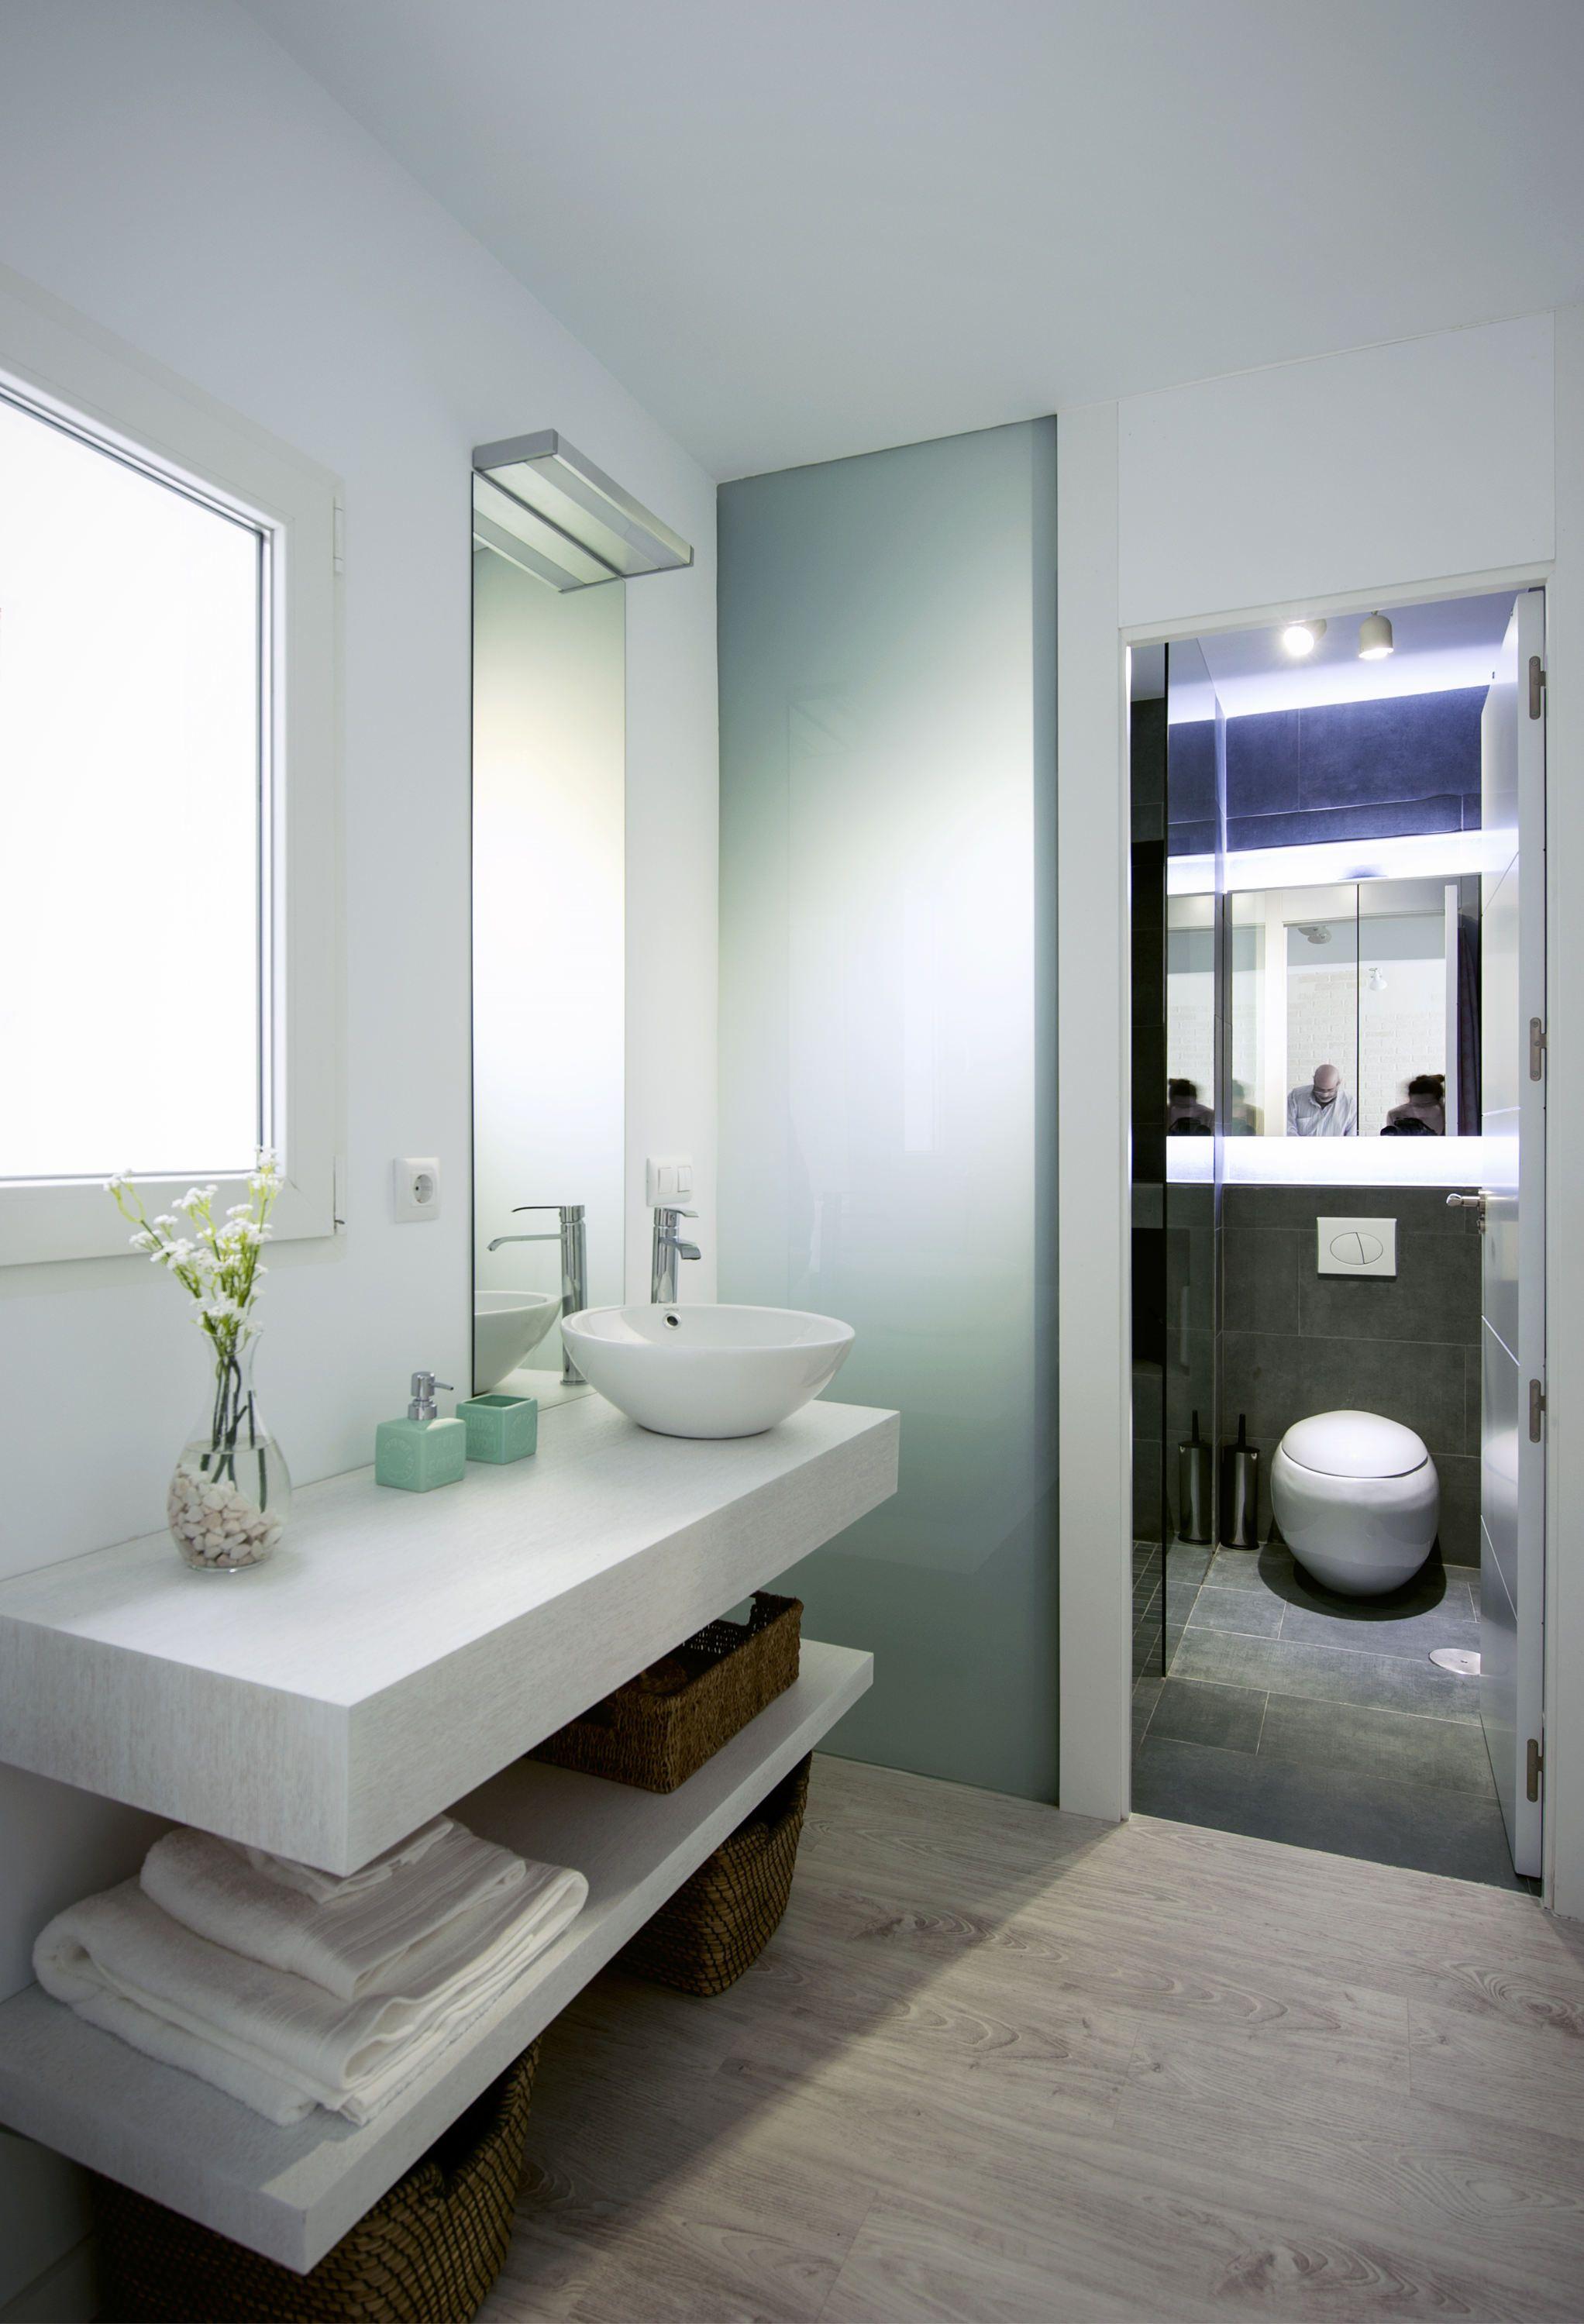 ba o pasillo moderno decoracion via planreforma accesorios sanitarios antes y despues. Black Bedroom Furniture Sets. Home Design Ideas